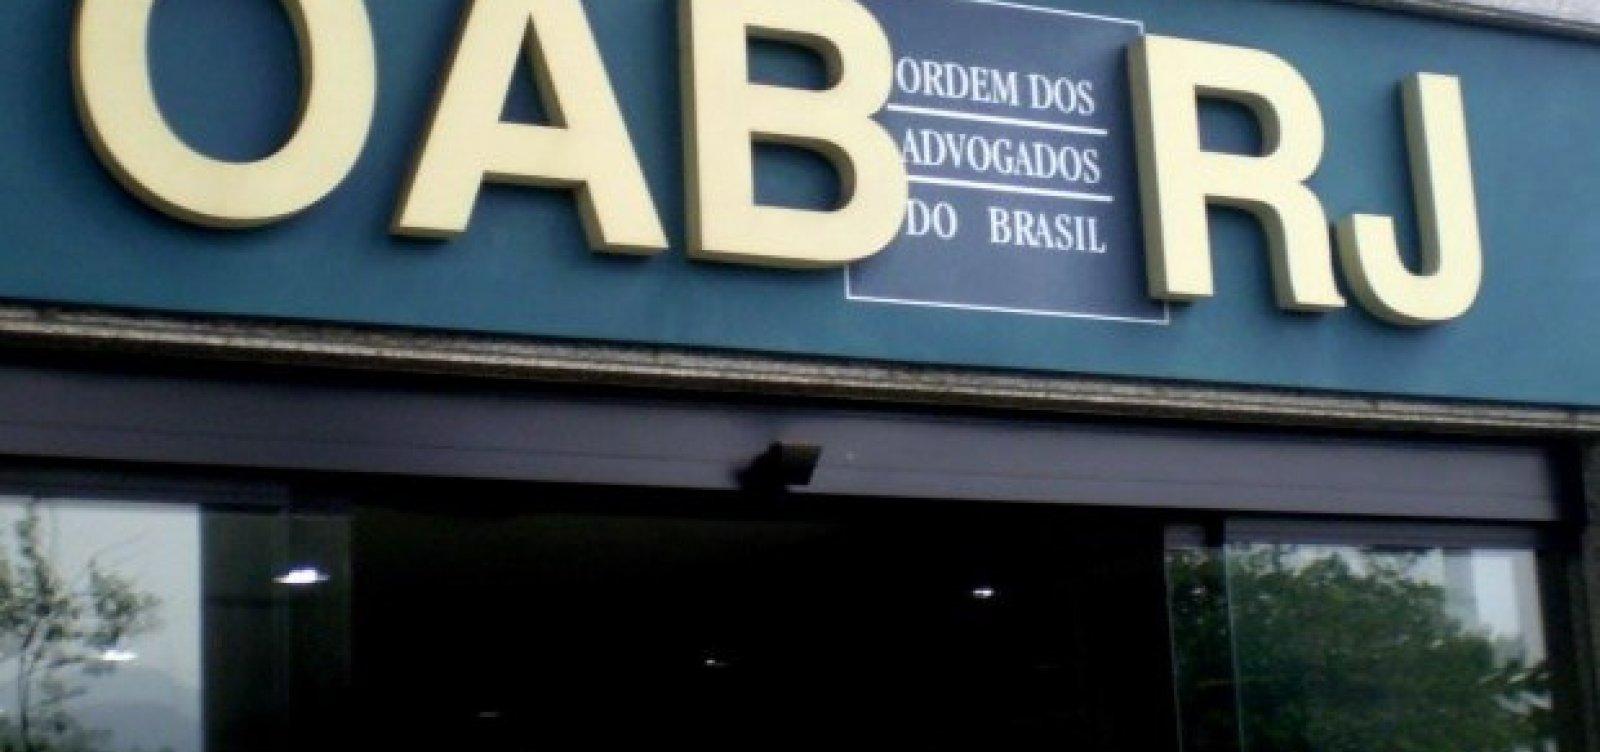 [Eleição da OAB-RJ é marcada por reviravolta; entenda]